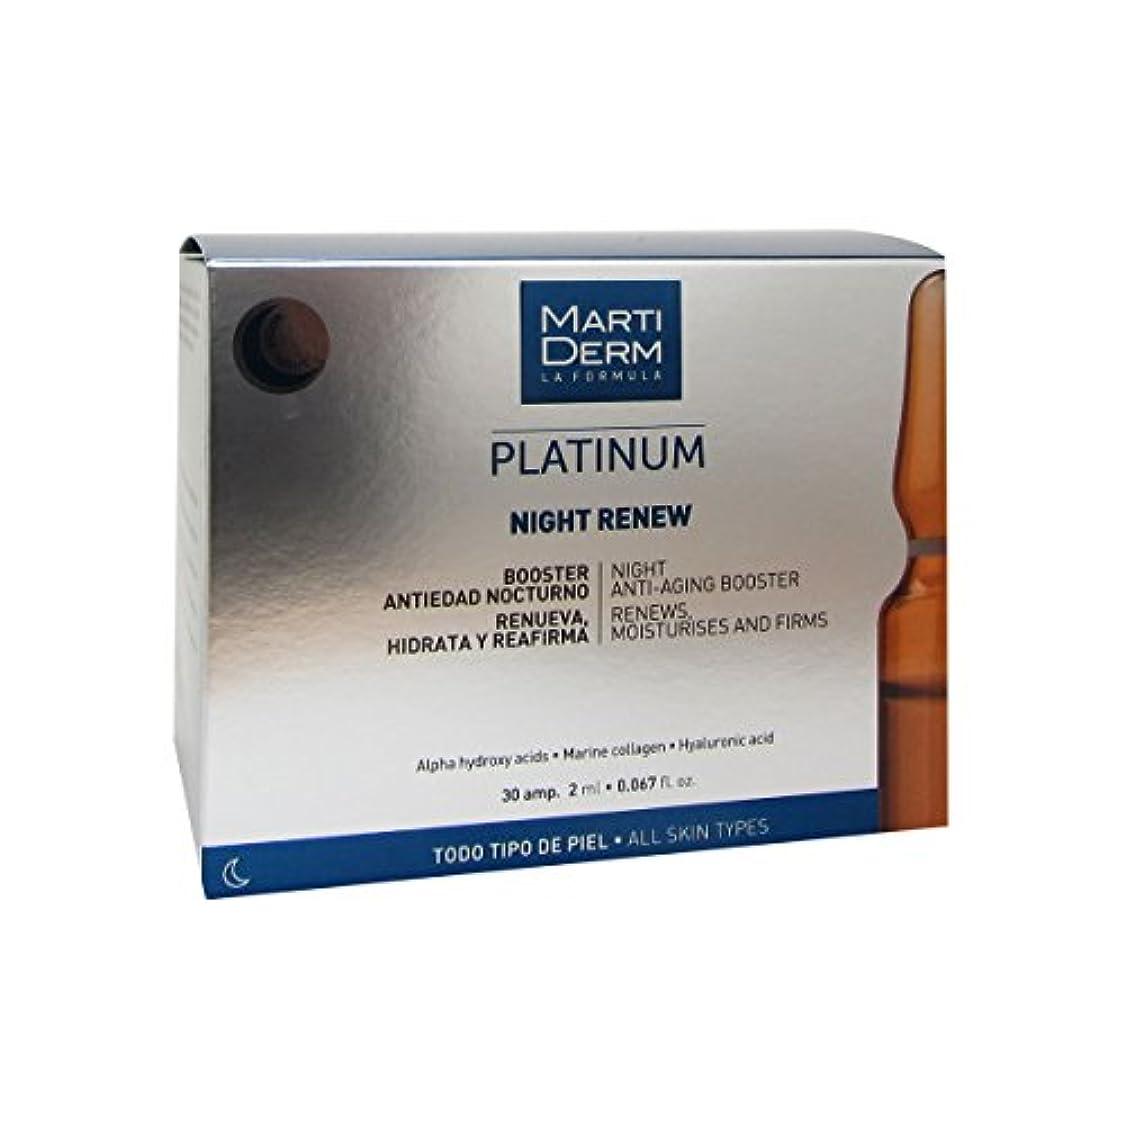 反対モトリー静かにMartiderm Platinum Night Renew Ampoules 30ampx2ml [並行輸入品]